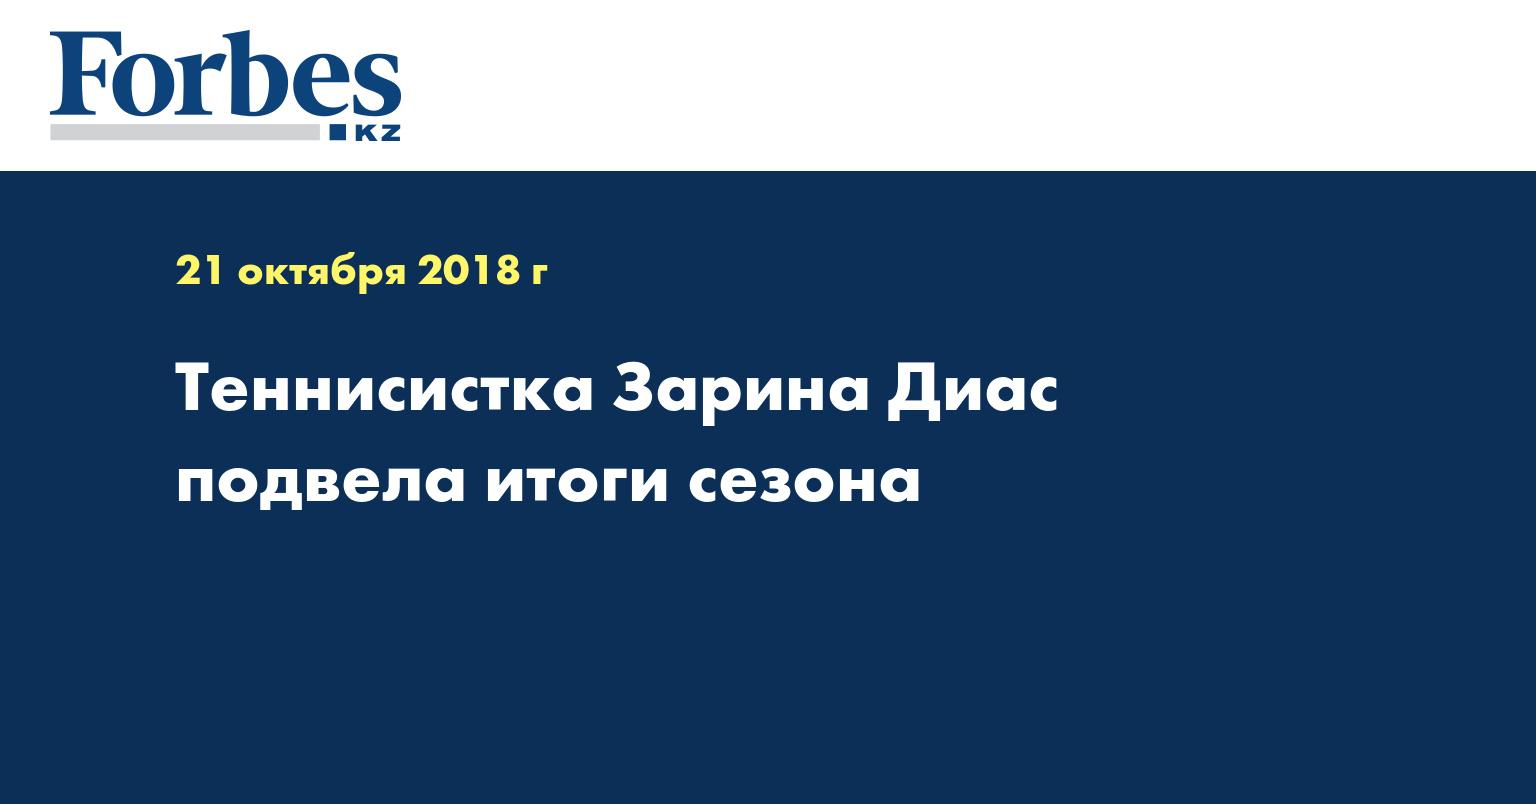 Теннисистка Зарина Диас подвела итоги сезона